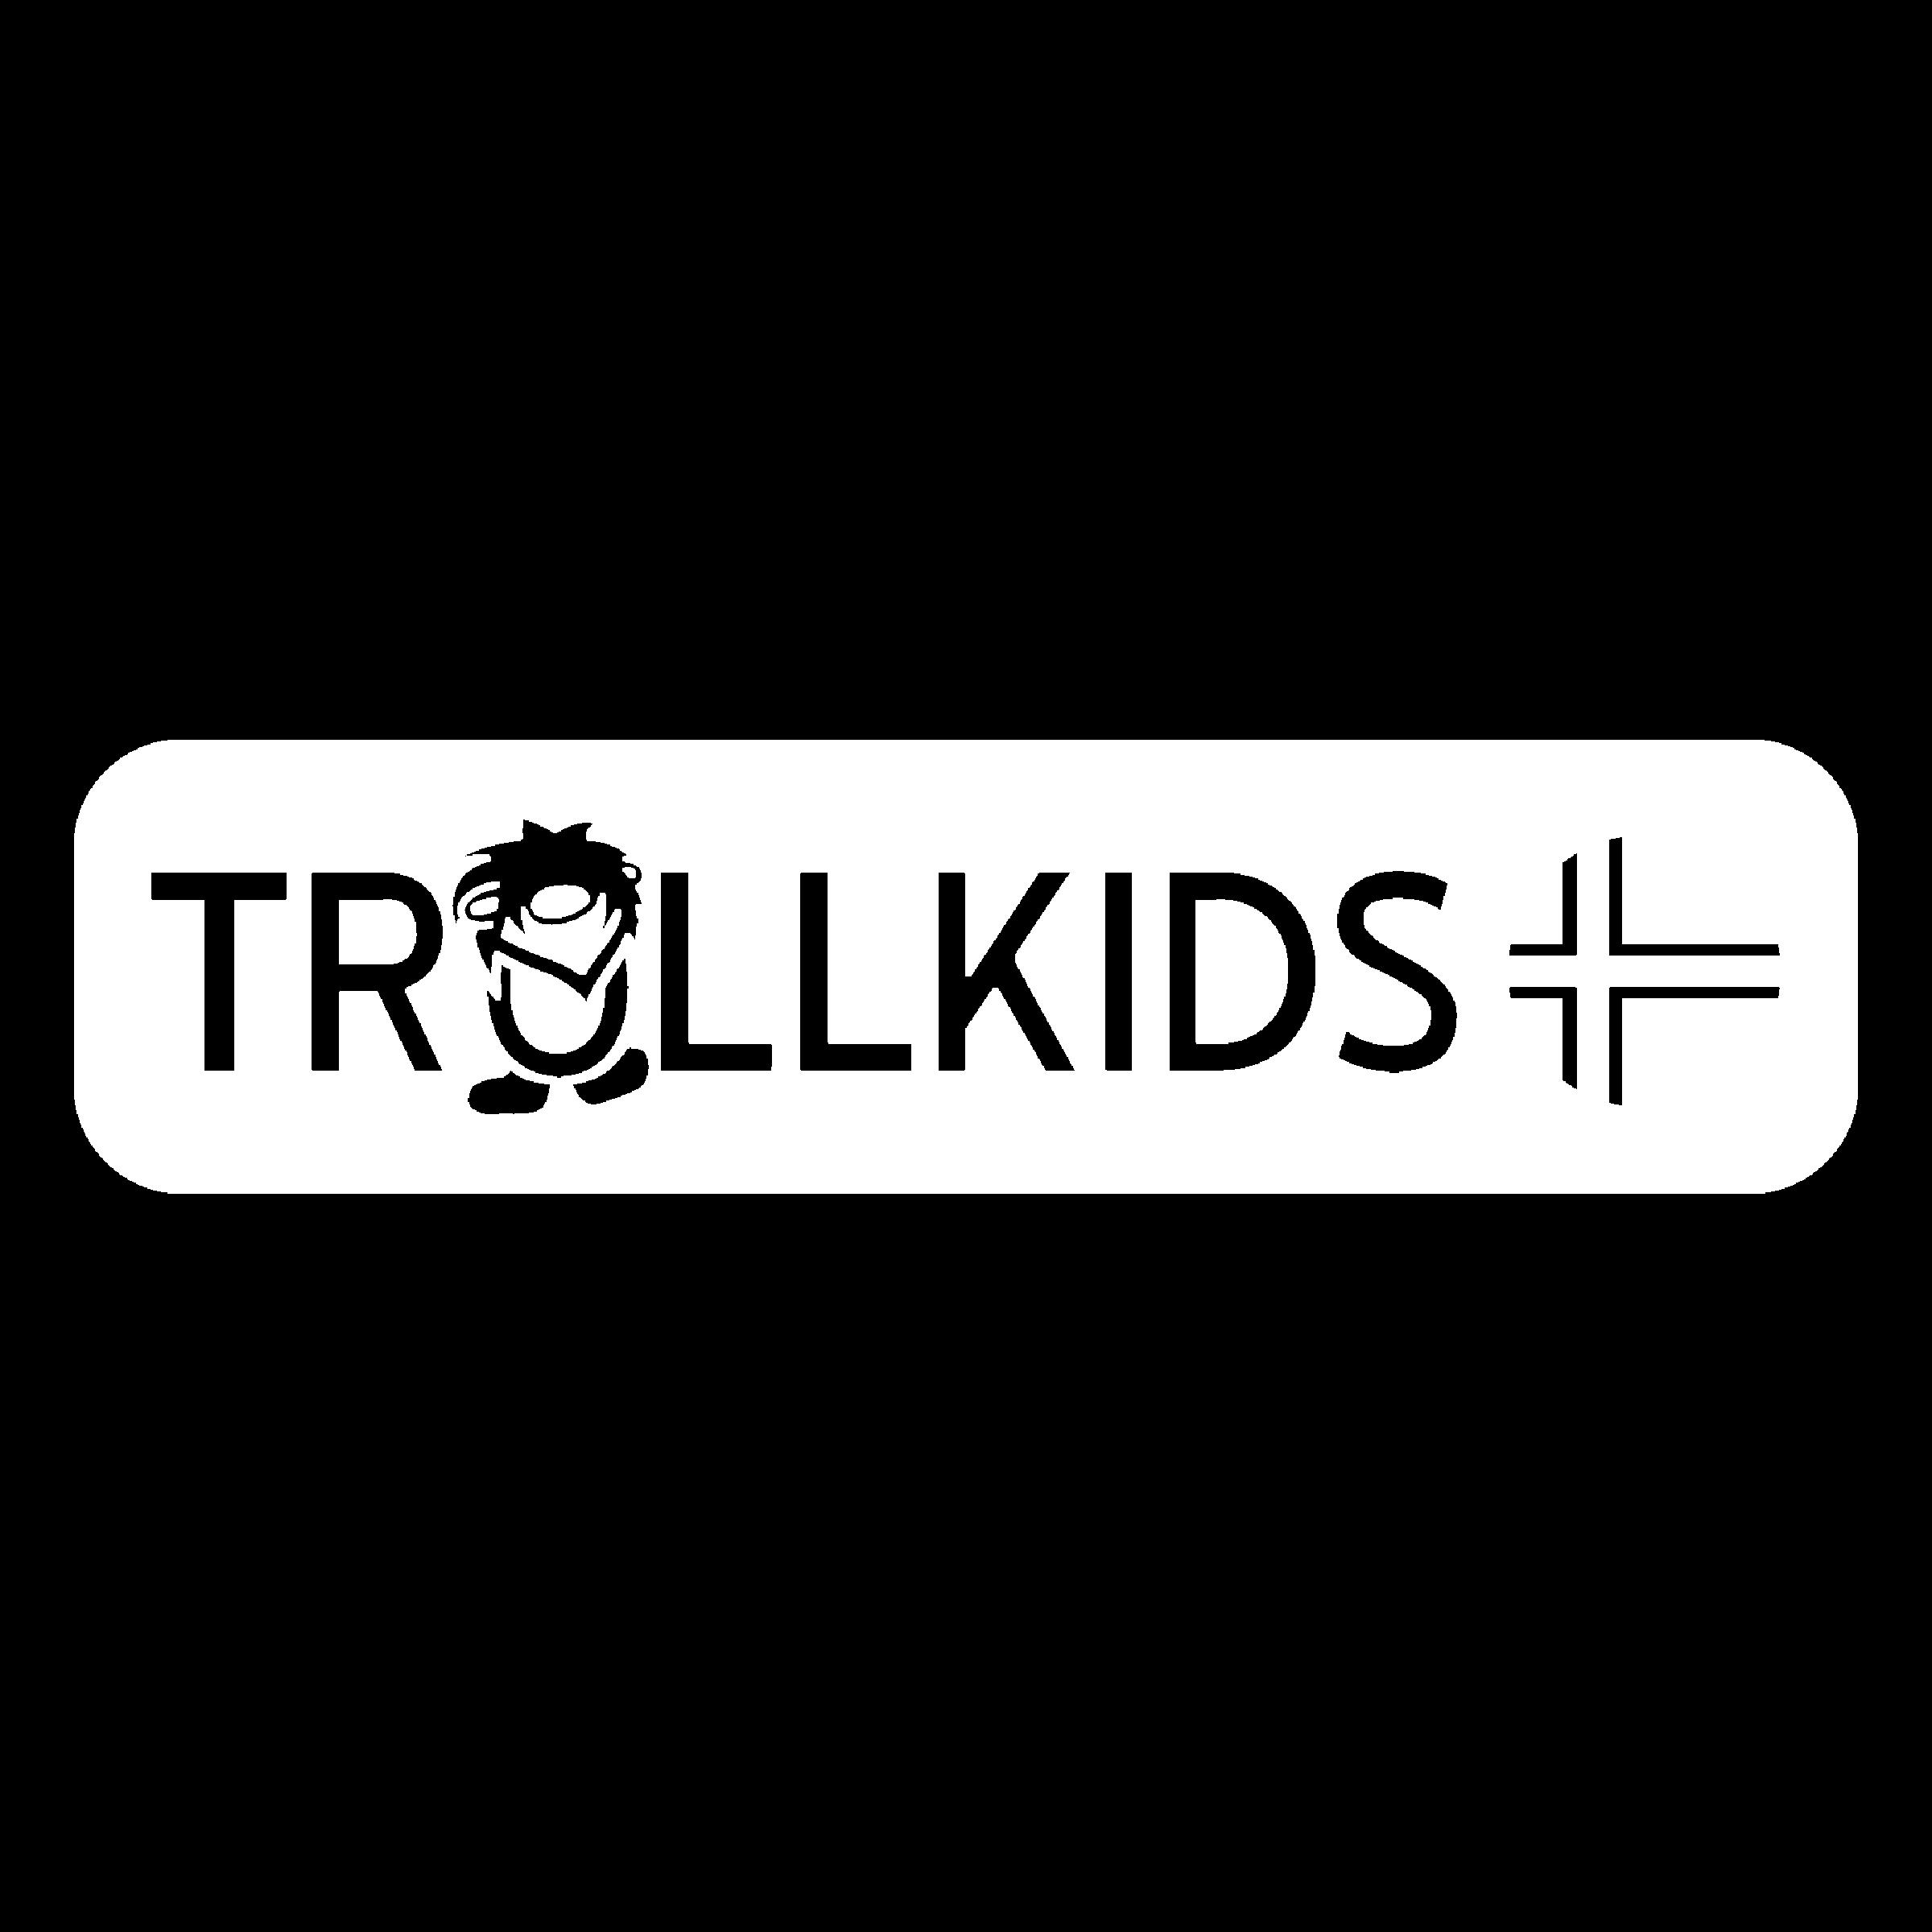 TROLLKIDS Logo